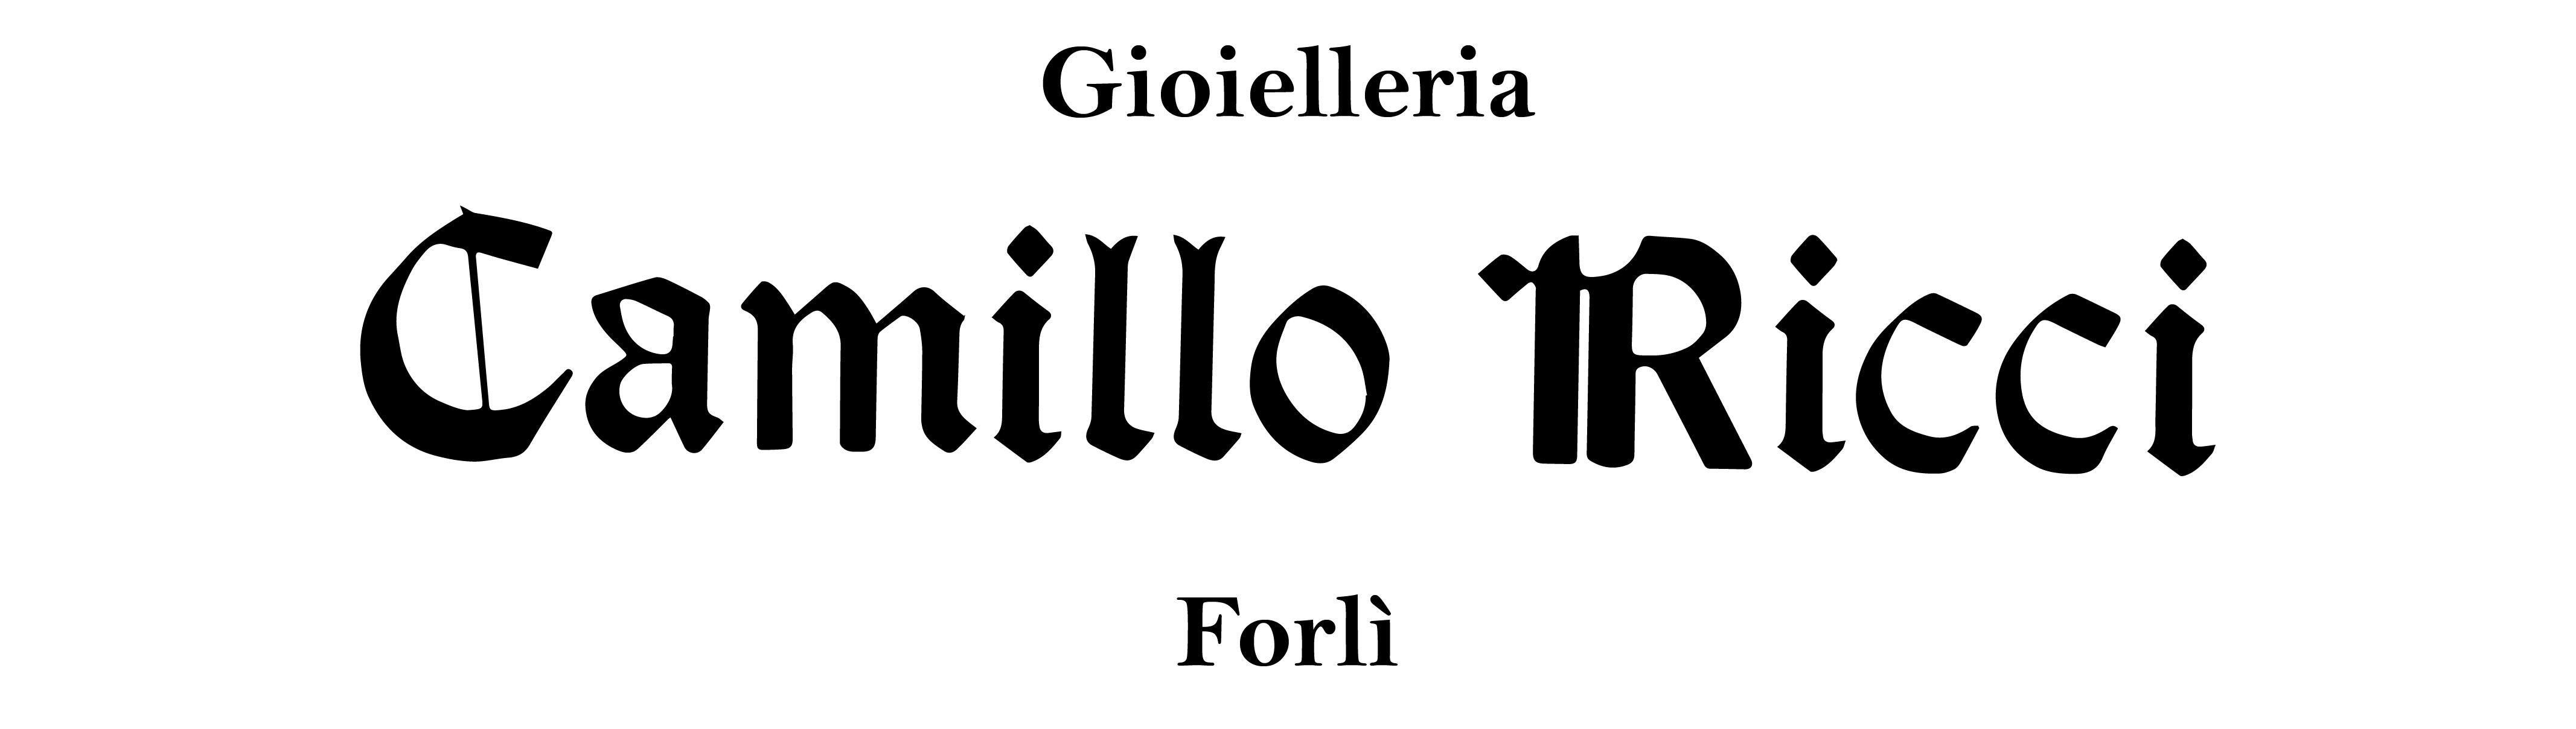 camillo-ricci-1024x290